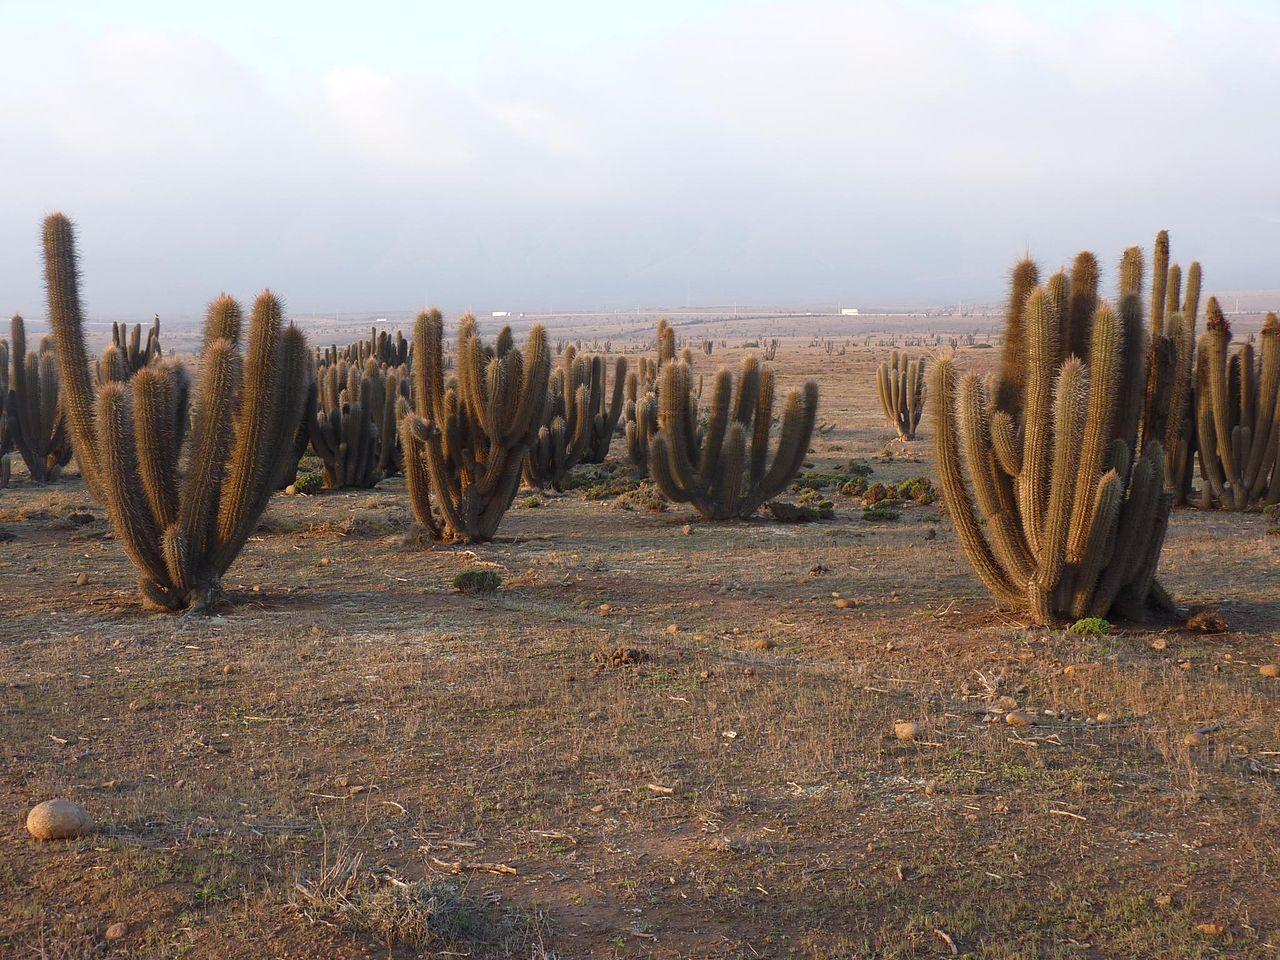 Trichocereus chiloensis v. skottsbergii Echinopsis chiloensis